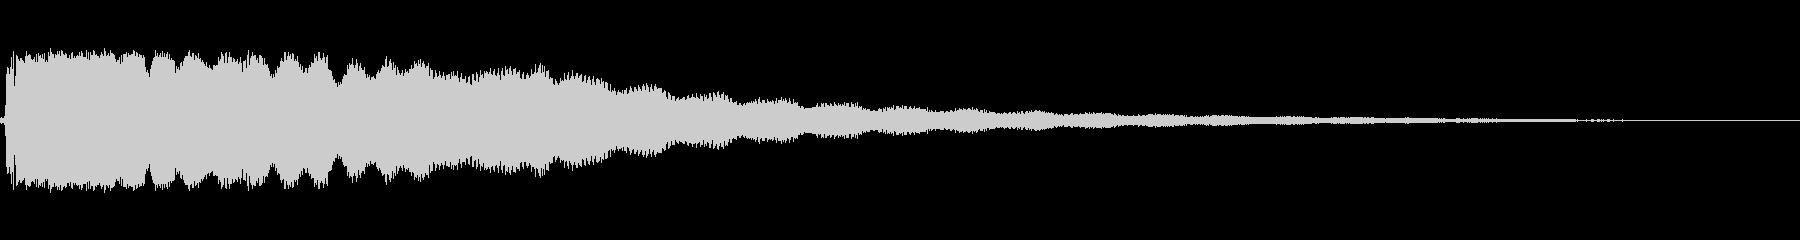 フロントベルの未再生の波形